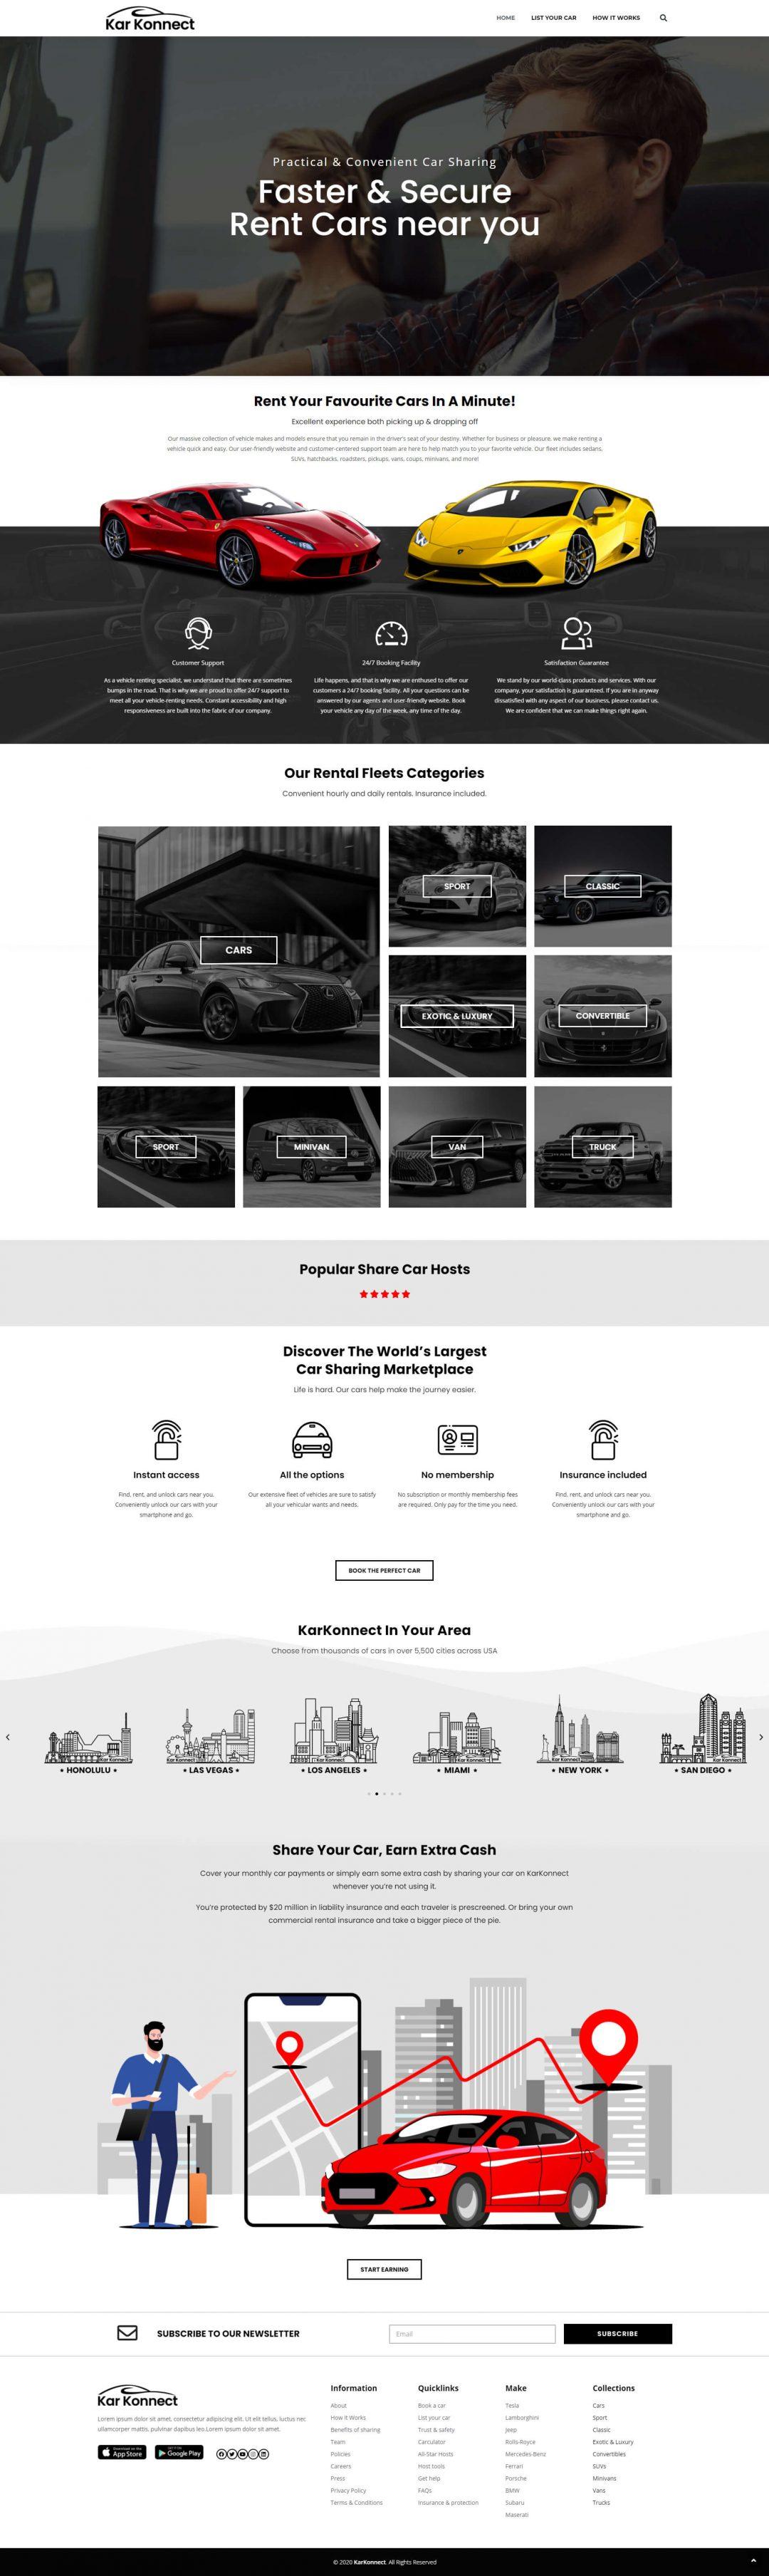 Kar Konnect Homepage